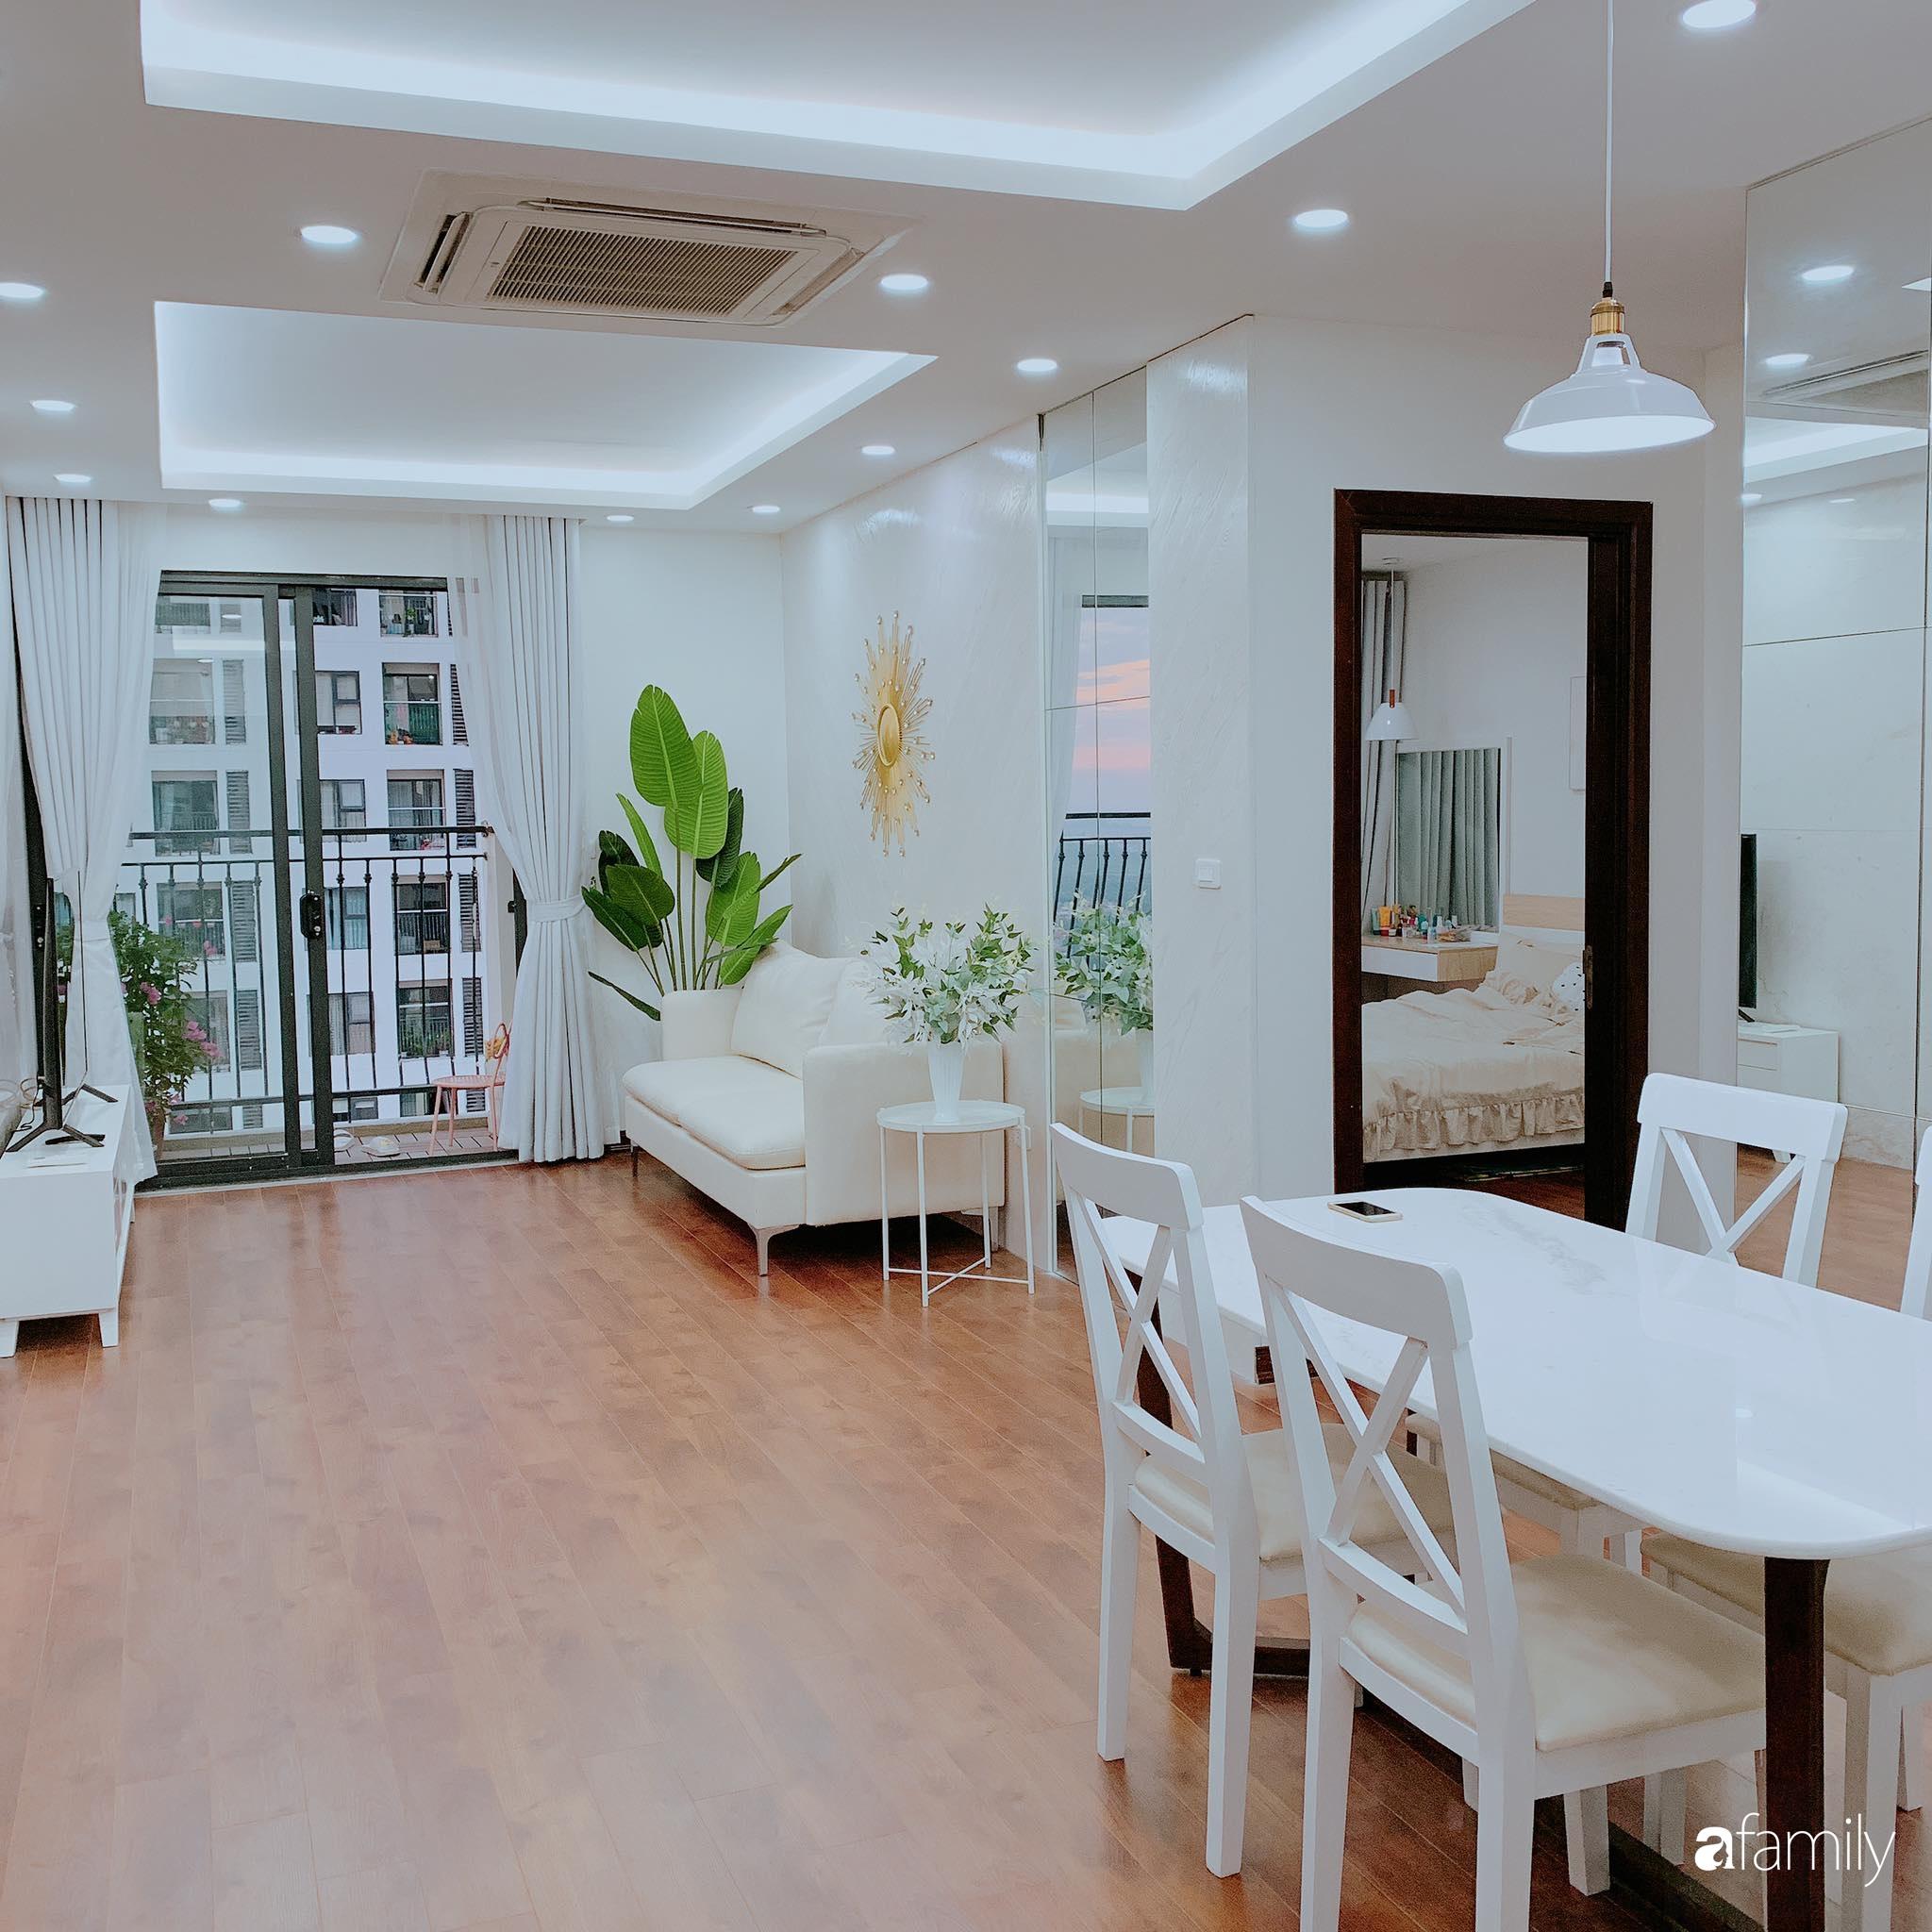 Căn hộ 90m² như được nhân đôi không gian nhờ cách decor khéo léo với màu trắng - ghi ở Hà Nội - Ảnh 3.